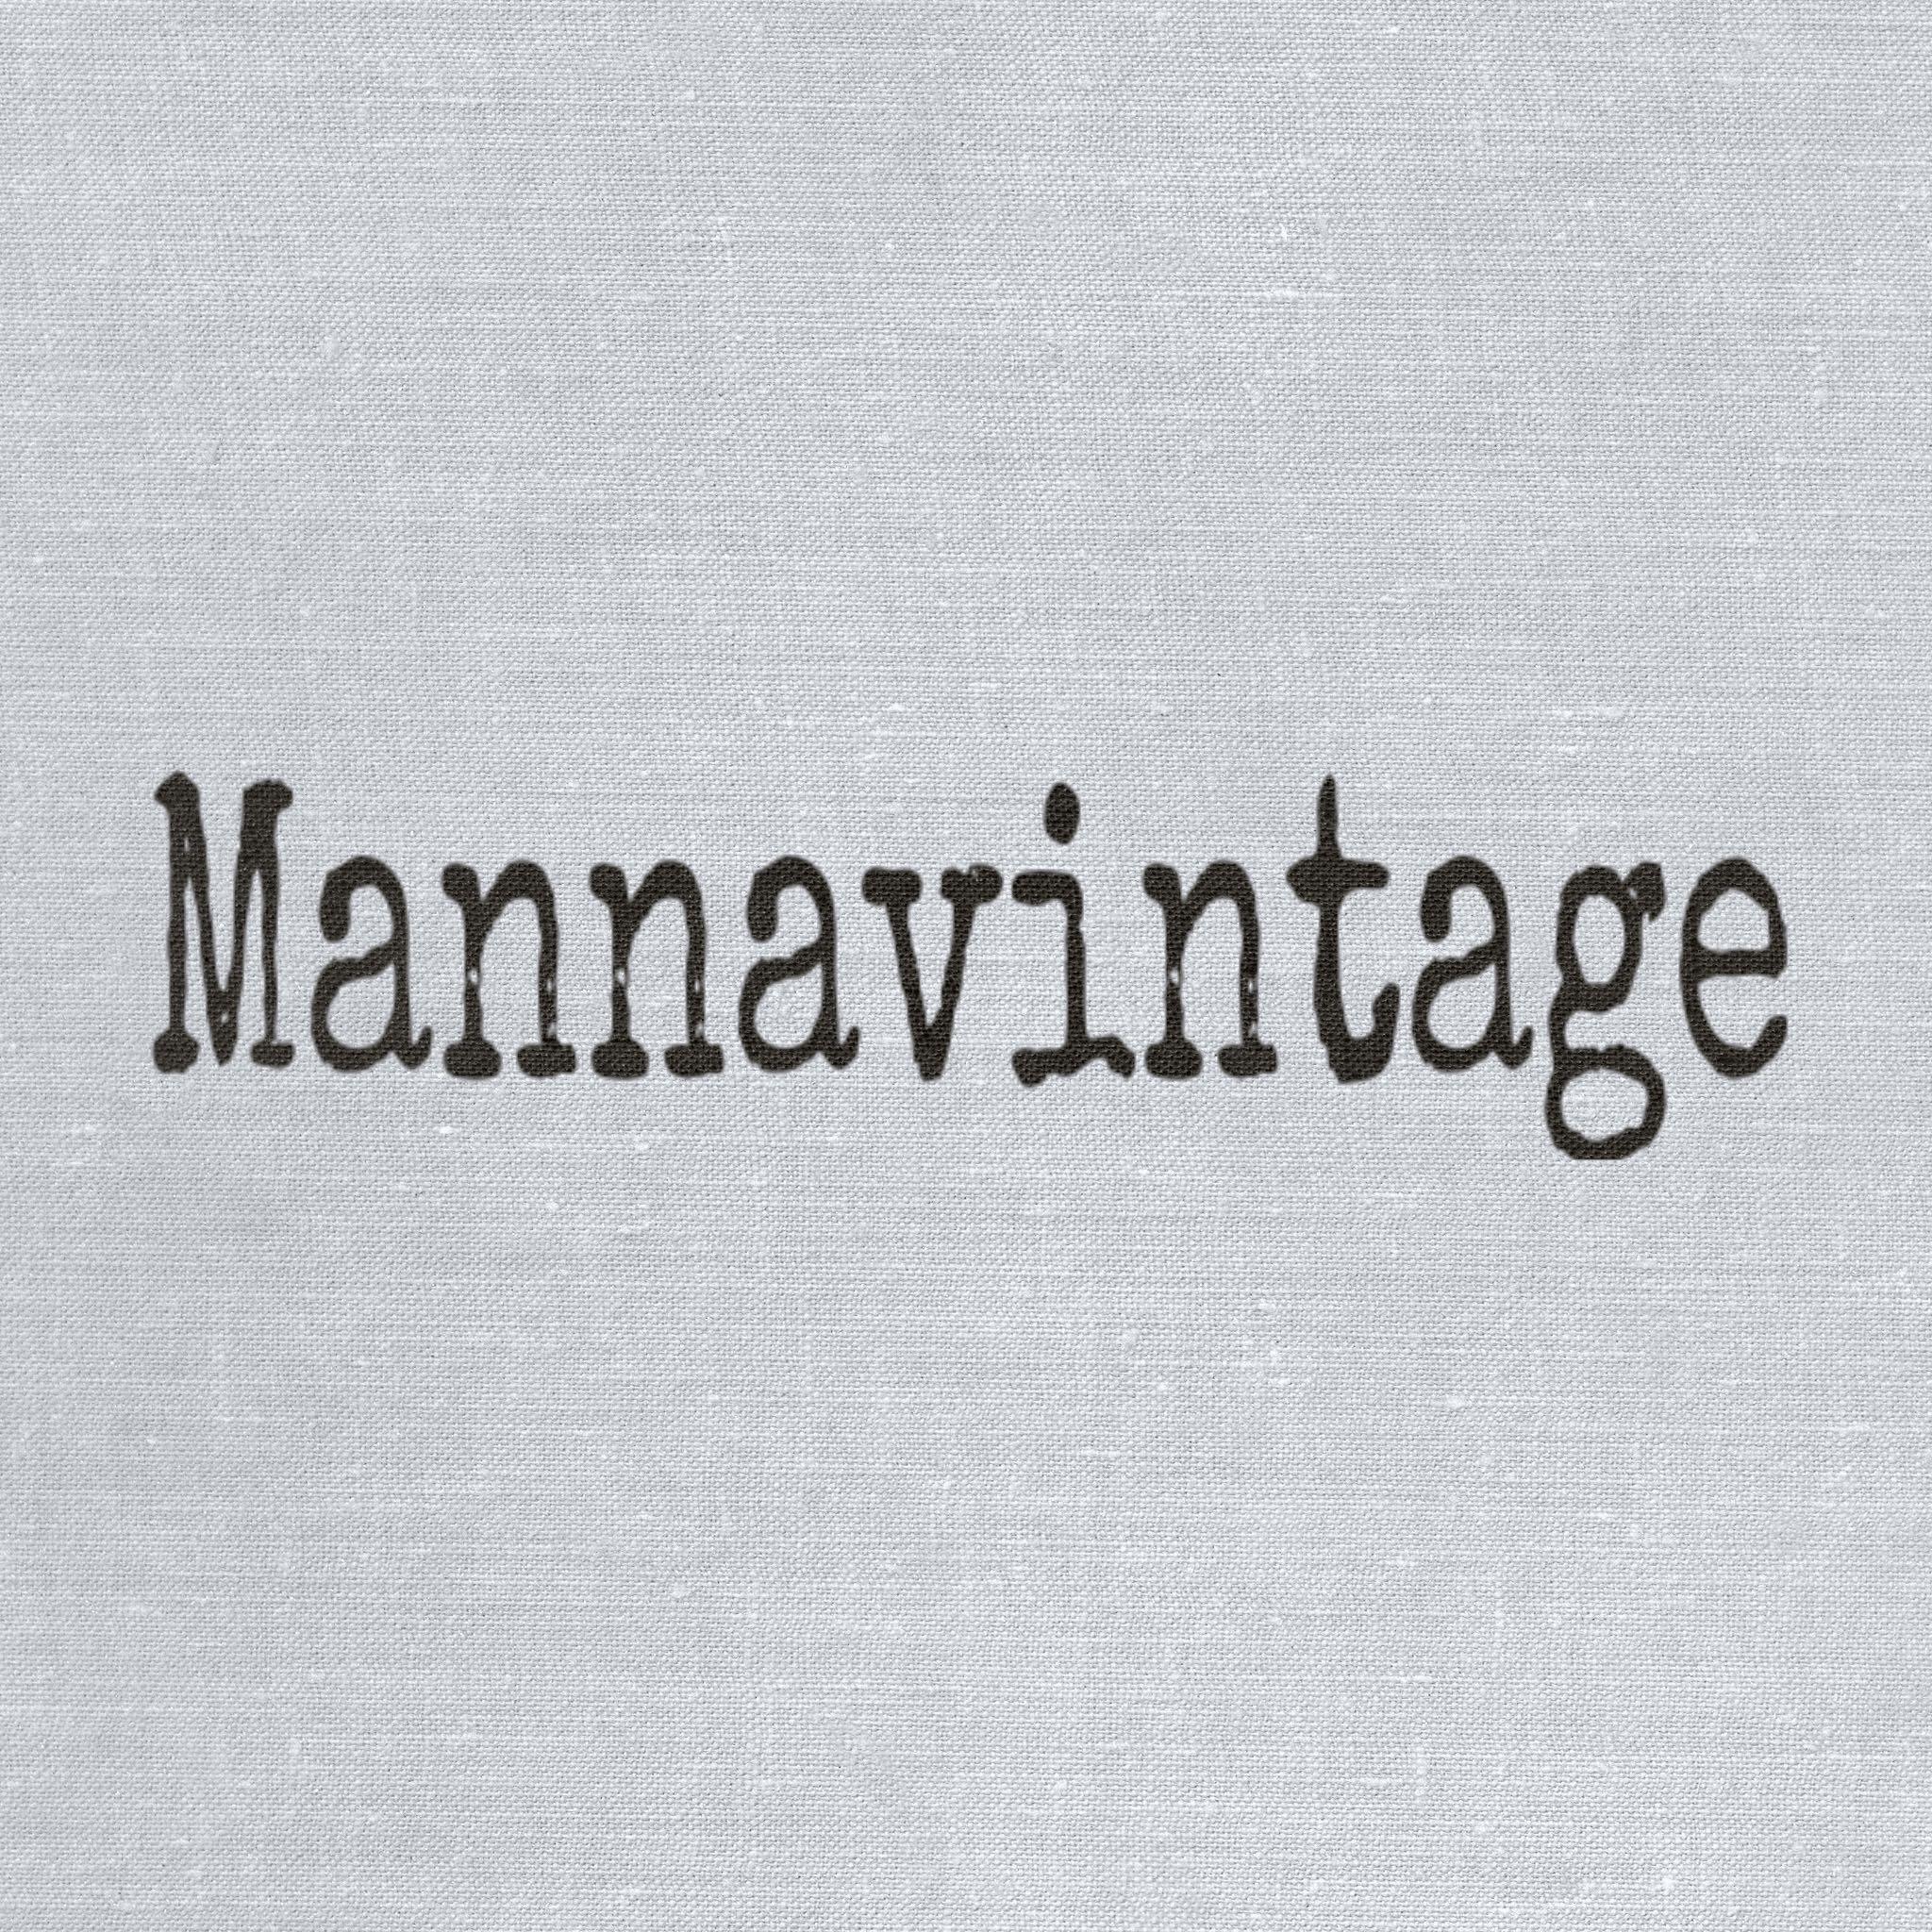 mannavintage